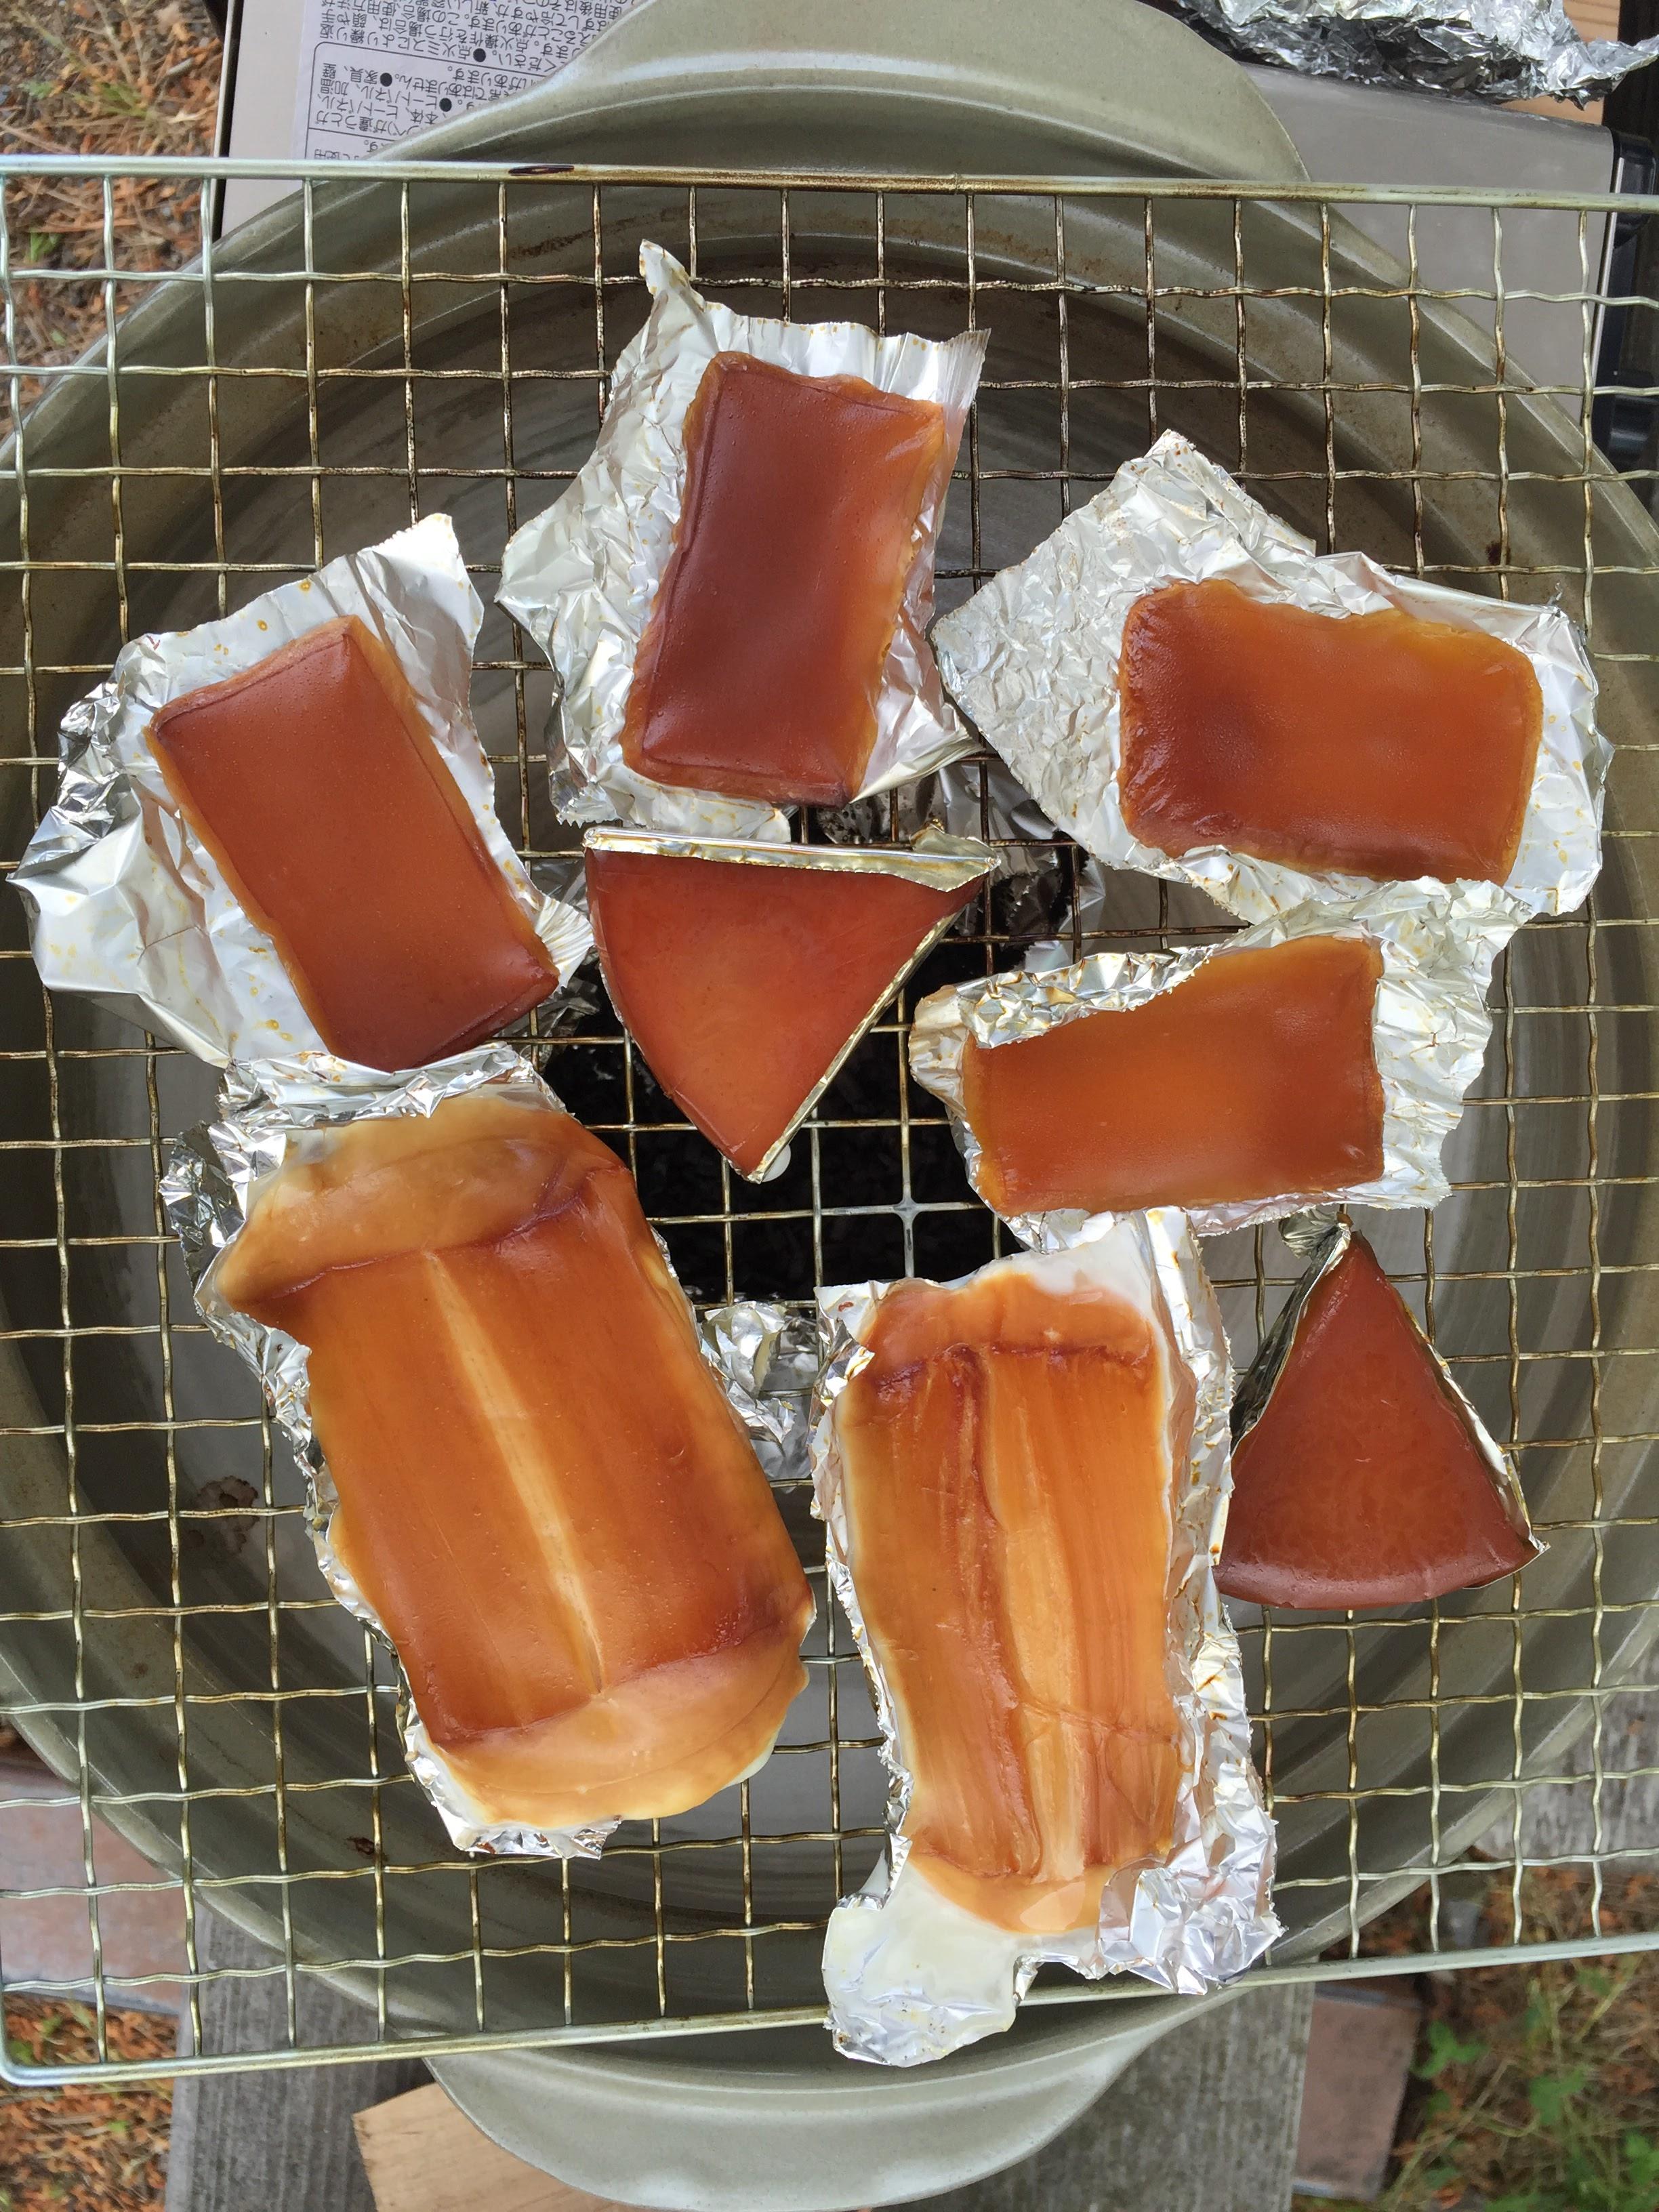 土鍋で燻製体験!!製材所のチップでチーズを燻製してみた。